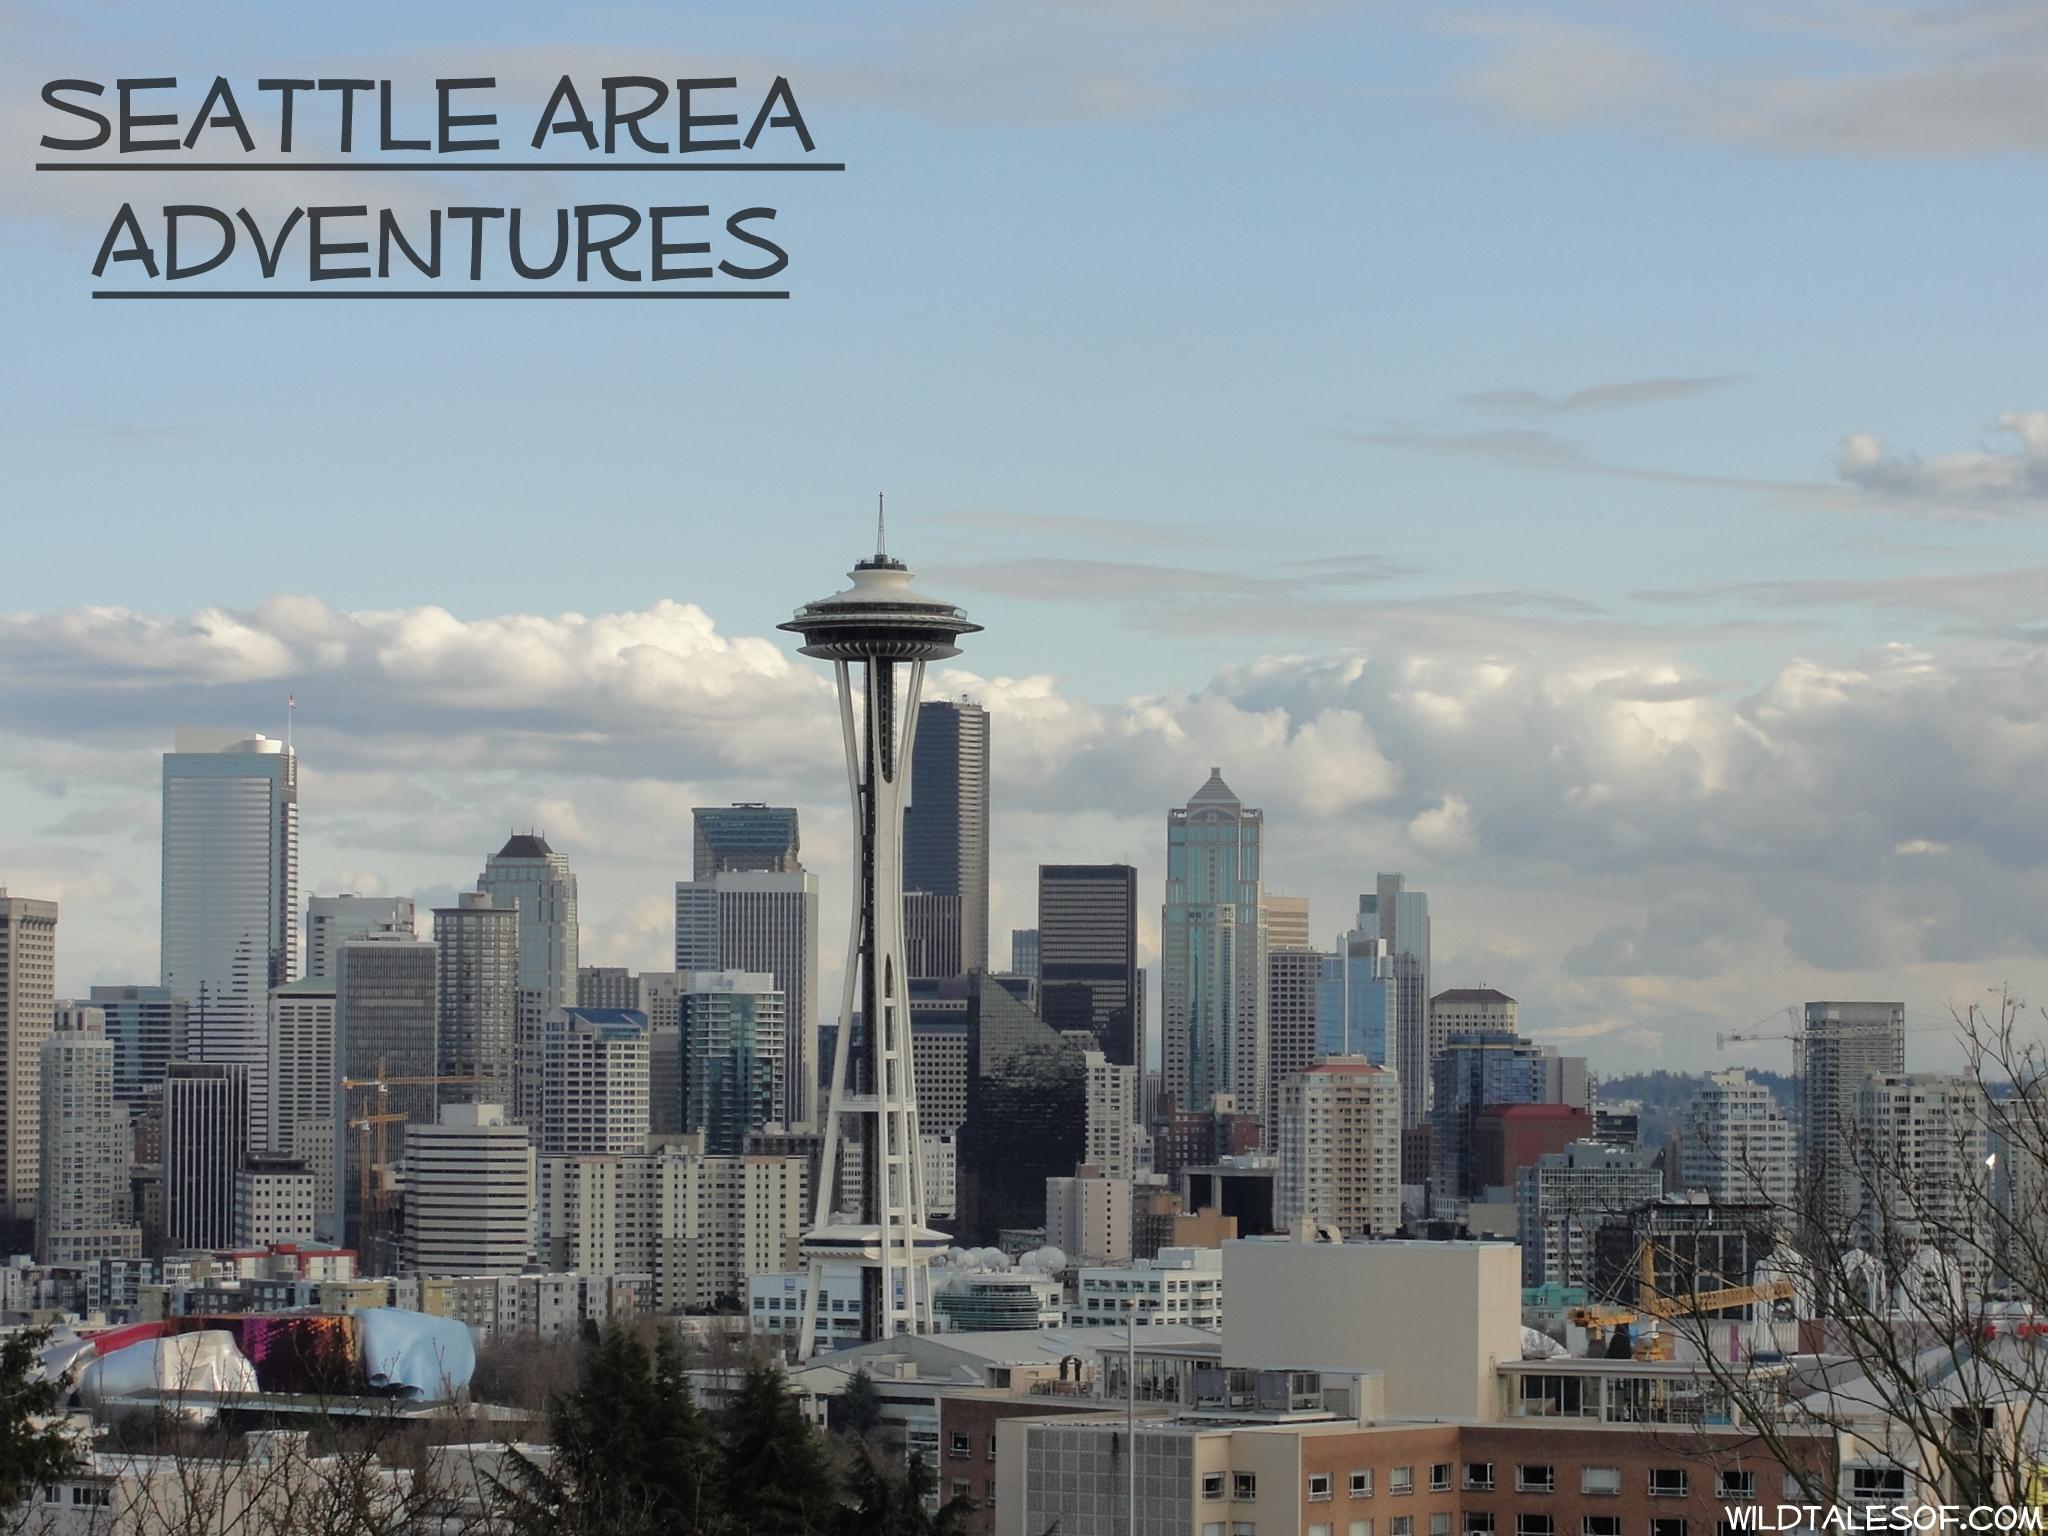 Seattle Area Adventures | WildTalesof.com